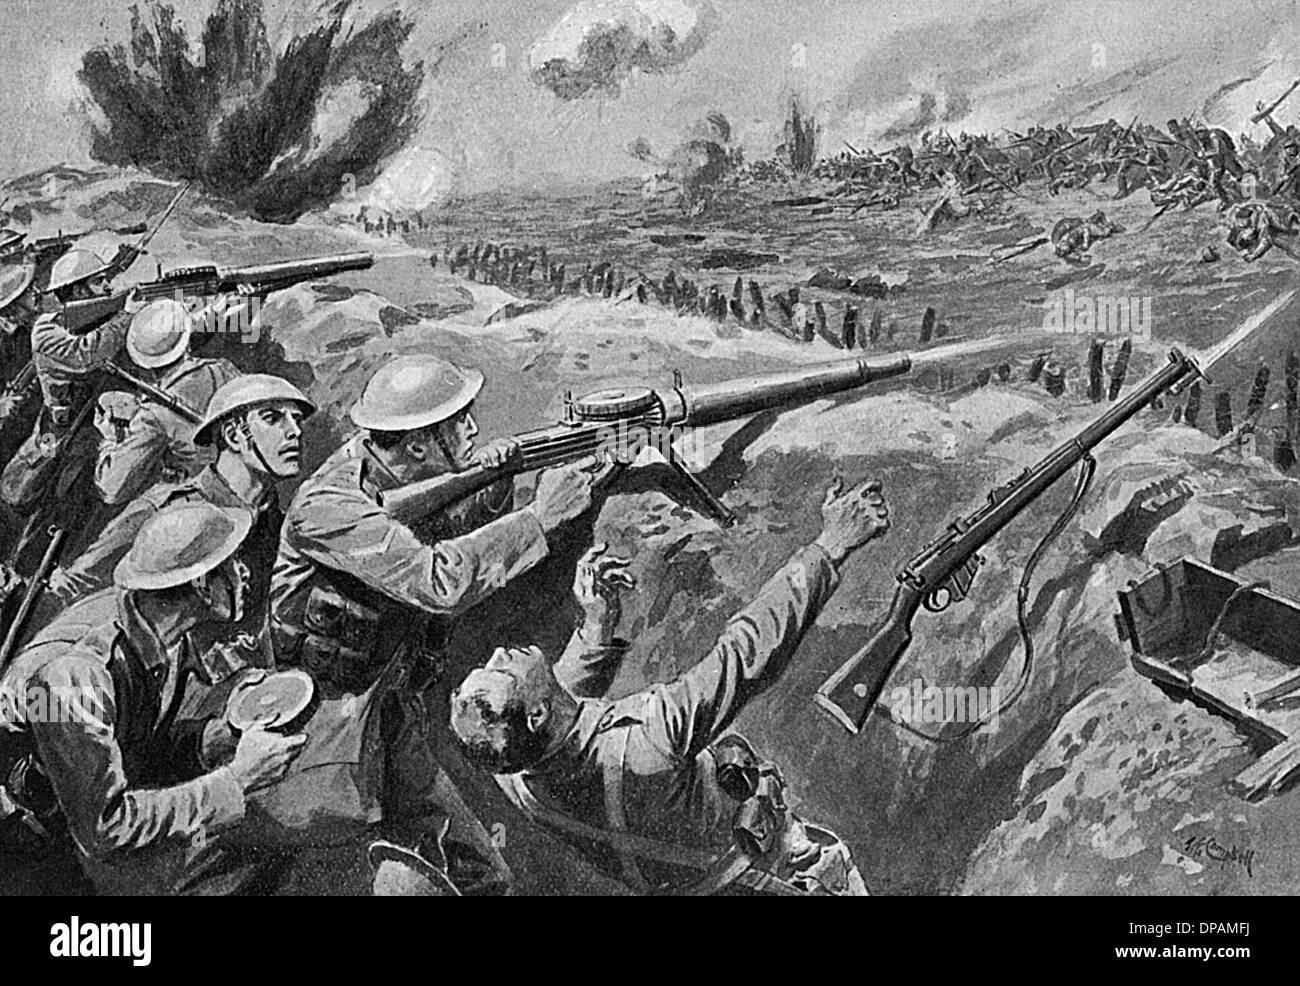 LEWIS GUN TRENCHES WW1 Stock Photo, Royalty Free Image: 65389174 ...